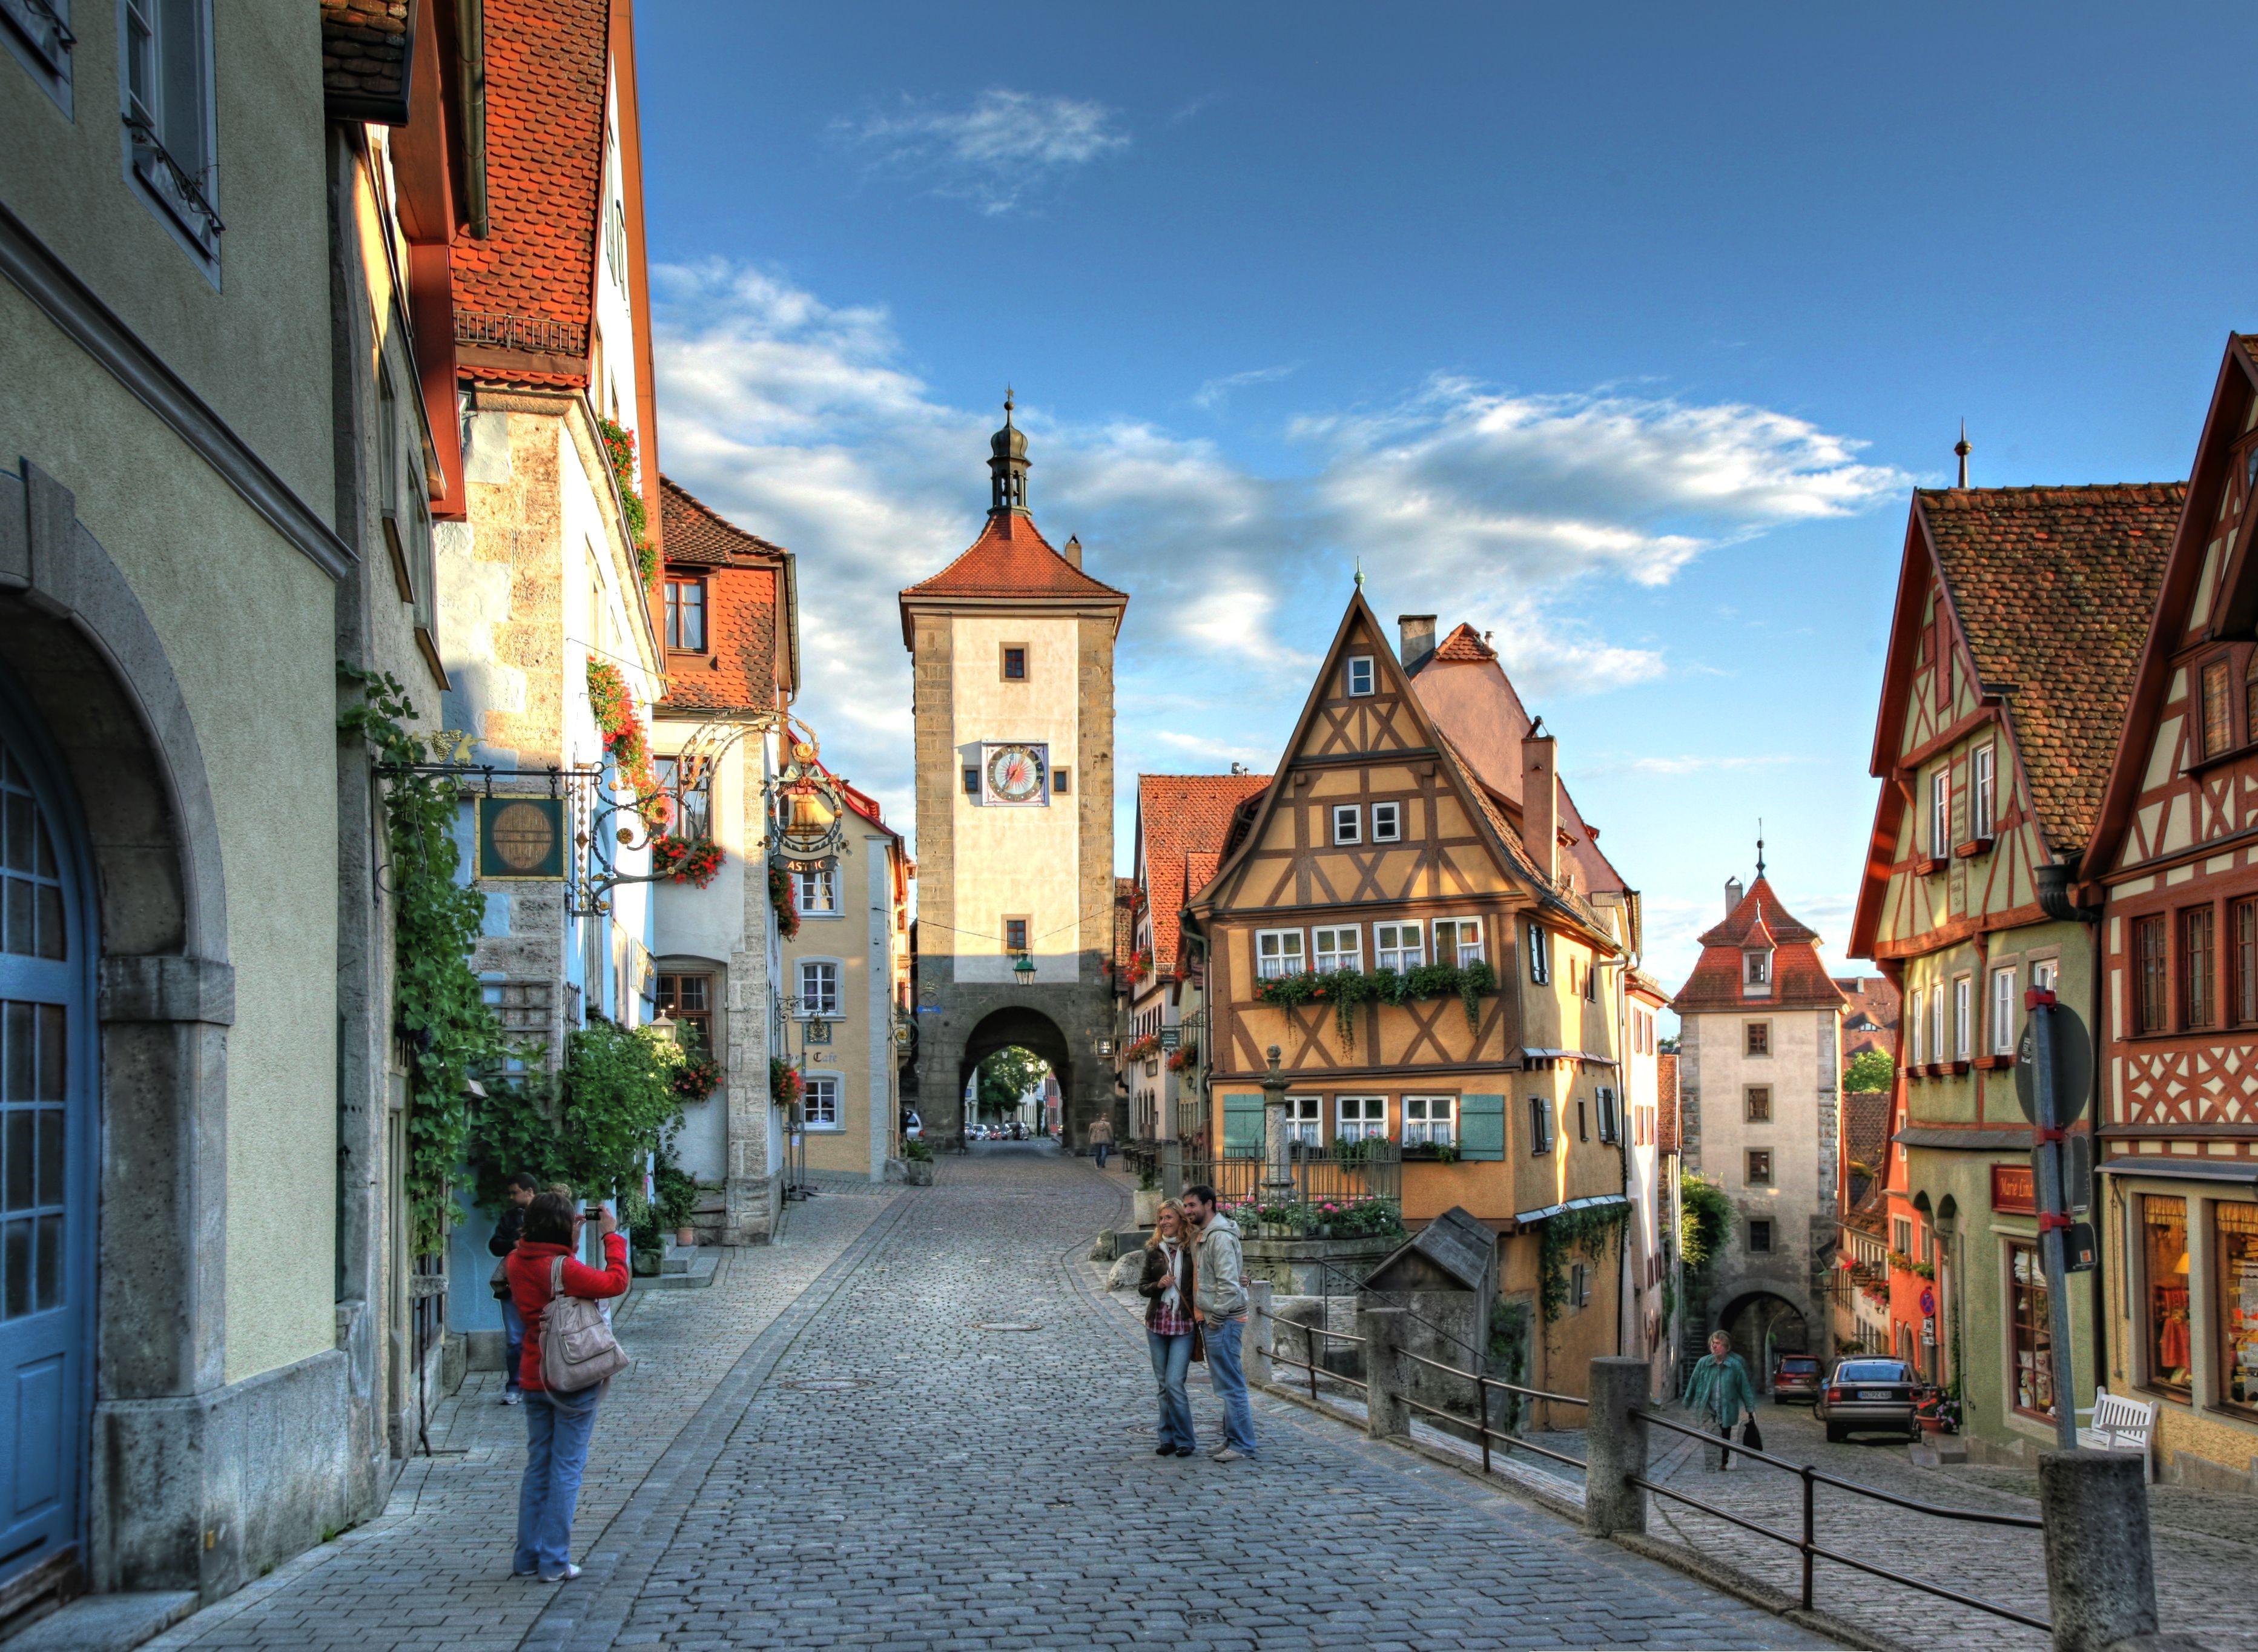 Mittelalterstadt Rothenburg ob der Tauber